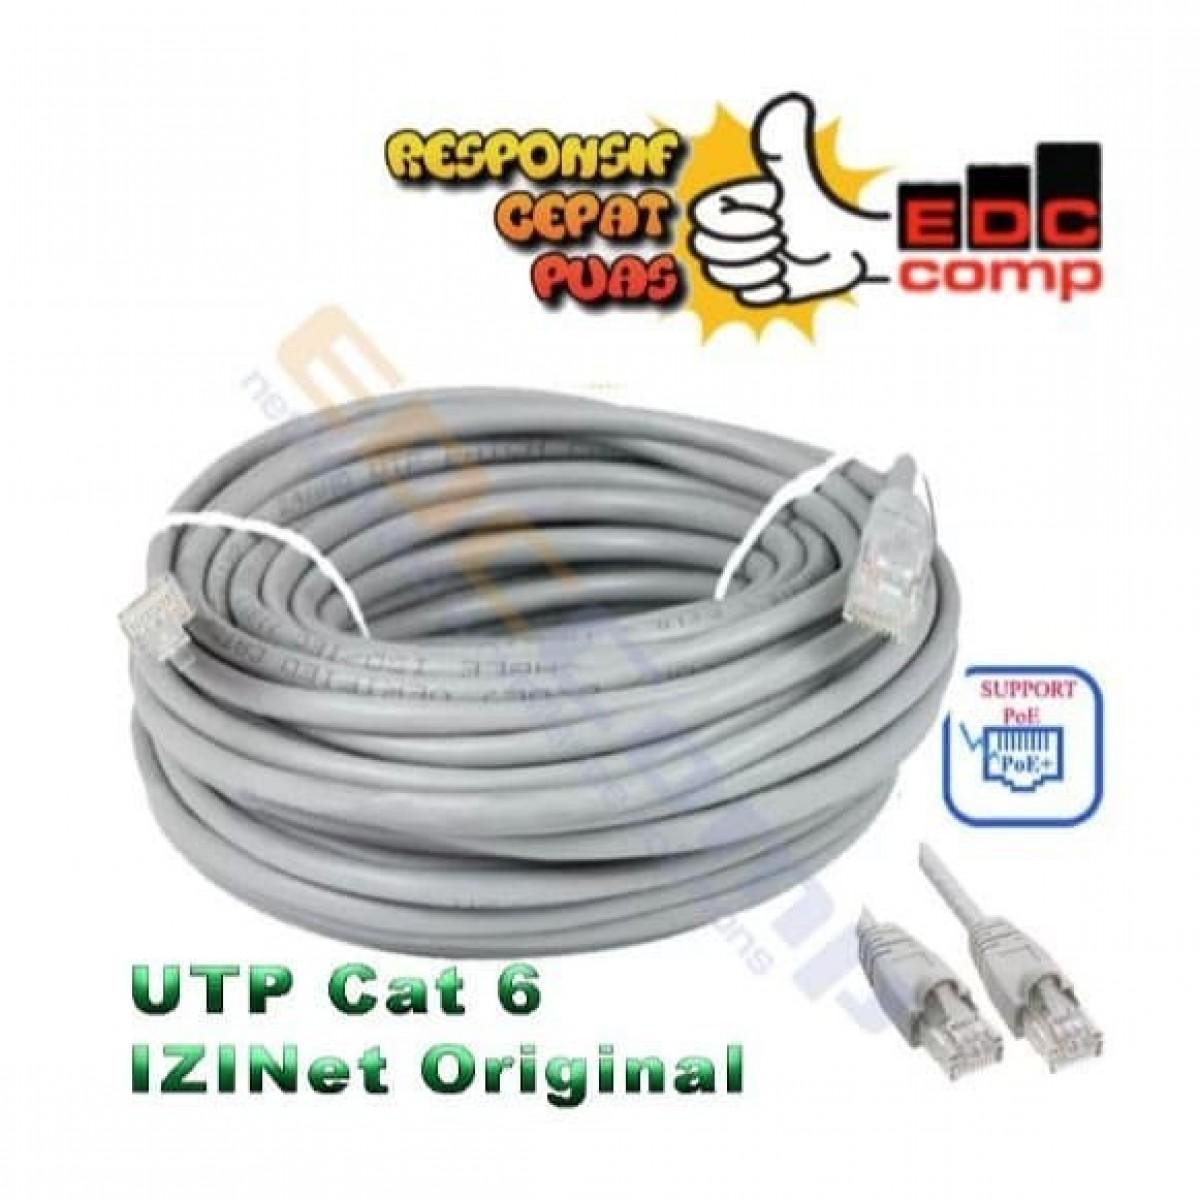 Kabel IZINET UTP Cat6 / Cable Izinet Cat6 90 Meter - EdcComp